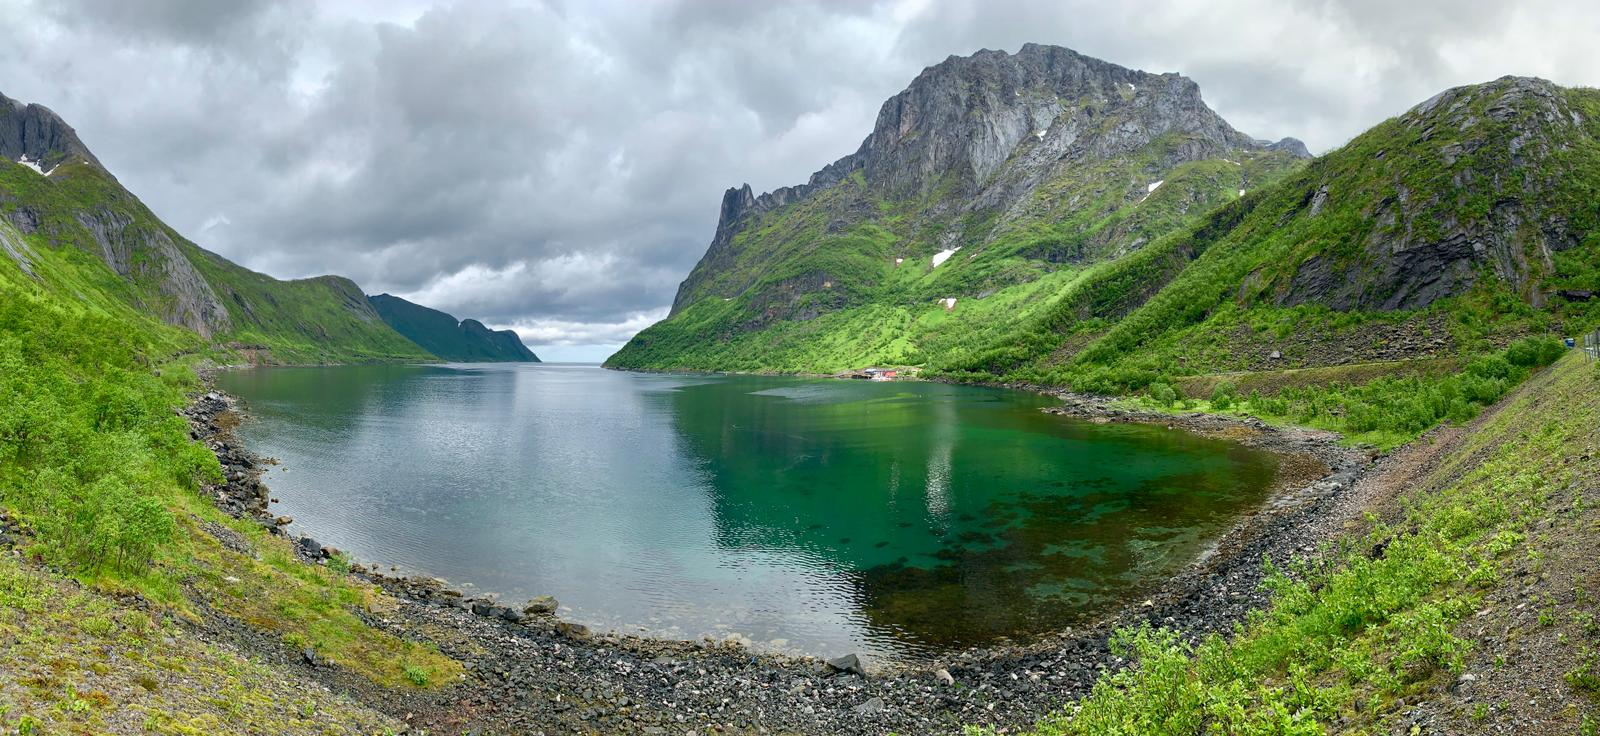 1 - Norwegian Lake